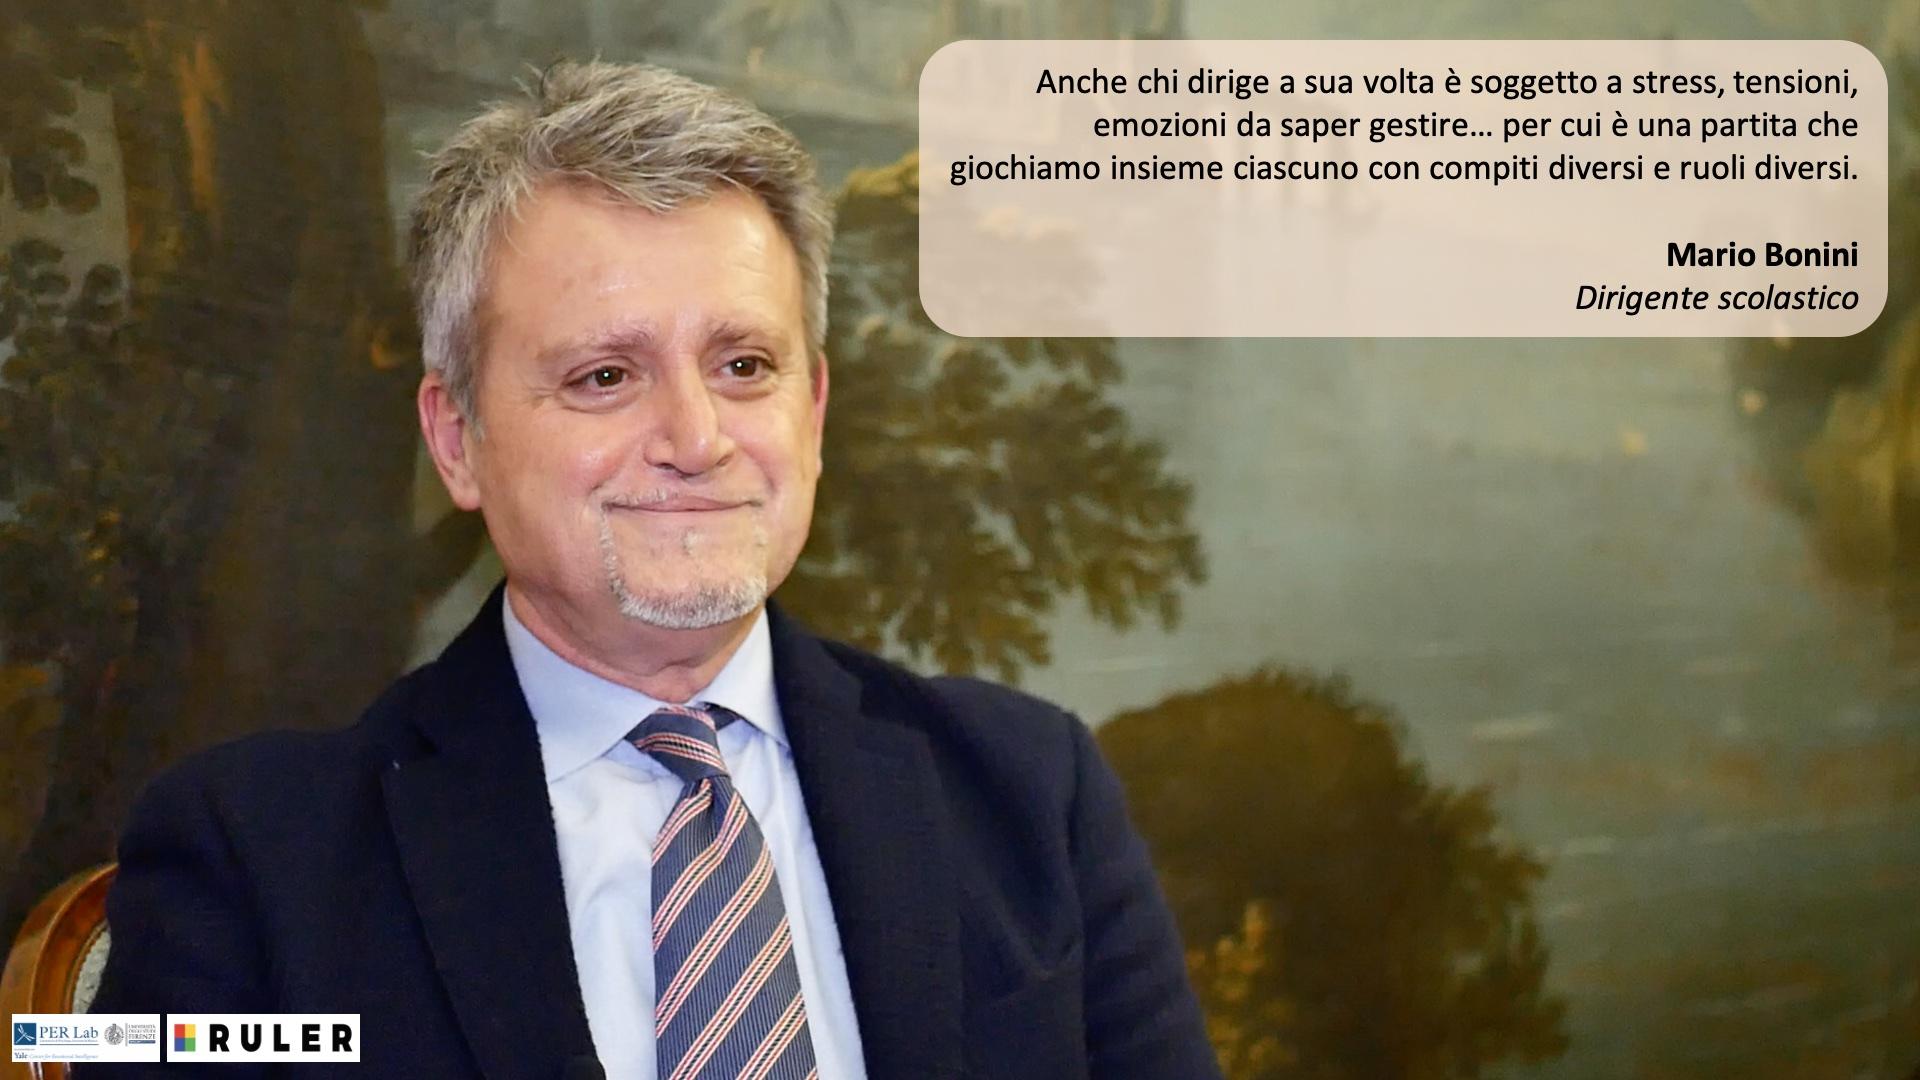 Mario Bonini